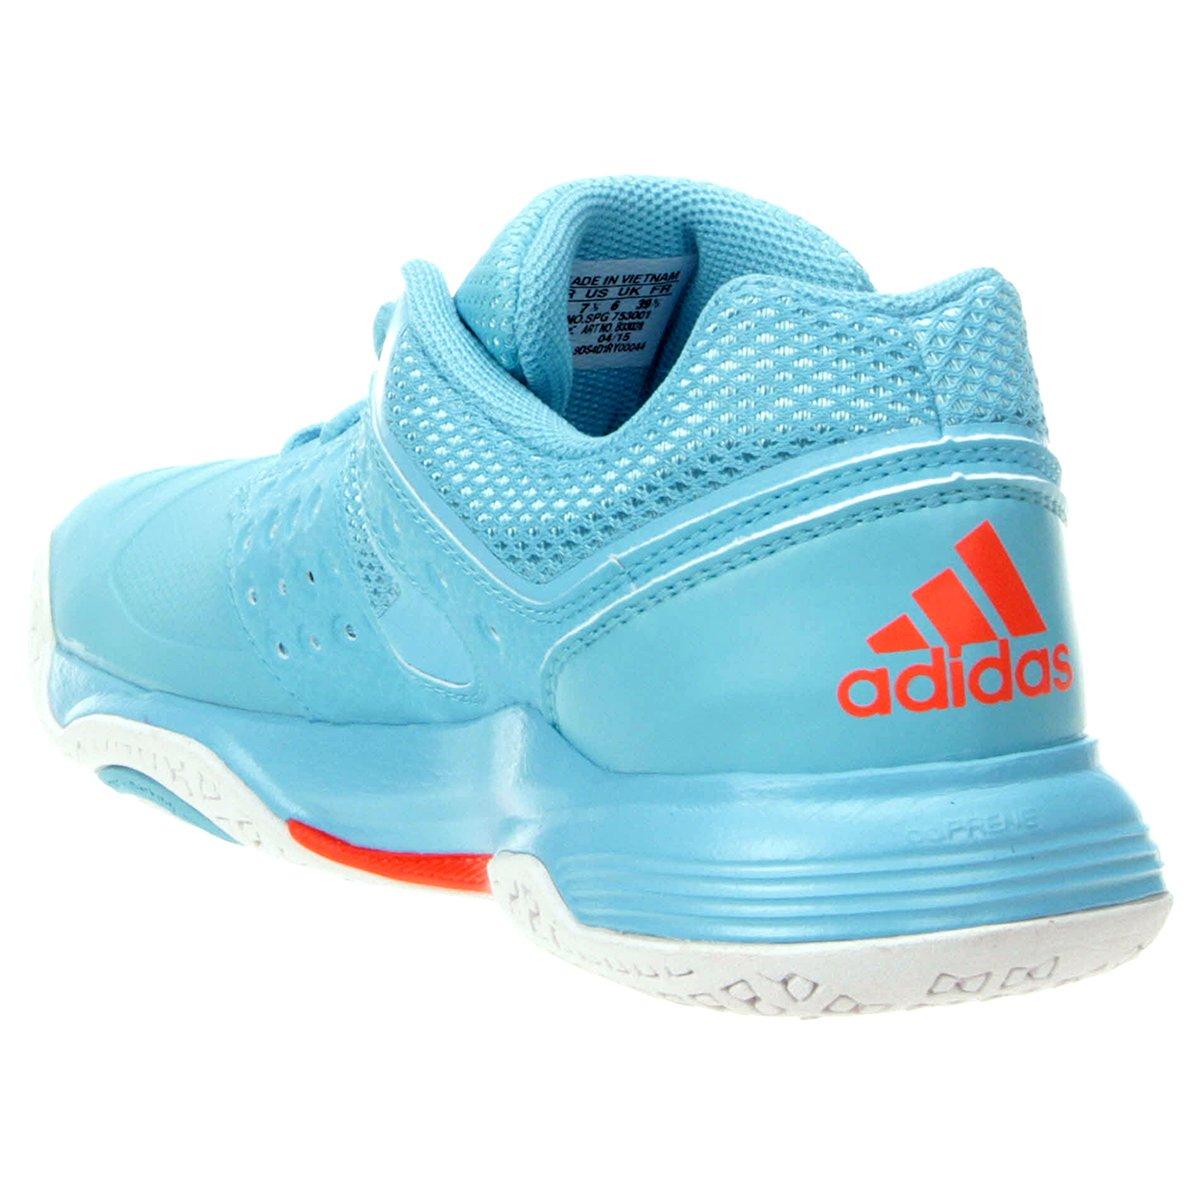 Tênis Adidas Court Stabil 12 - Compre Agora  f177226f351